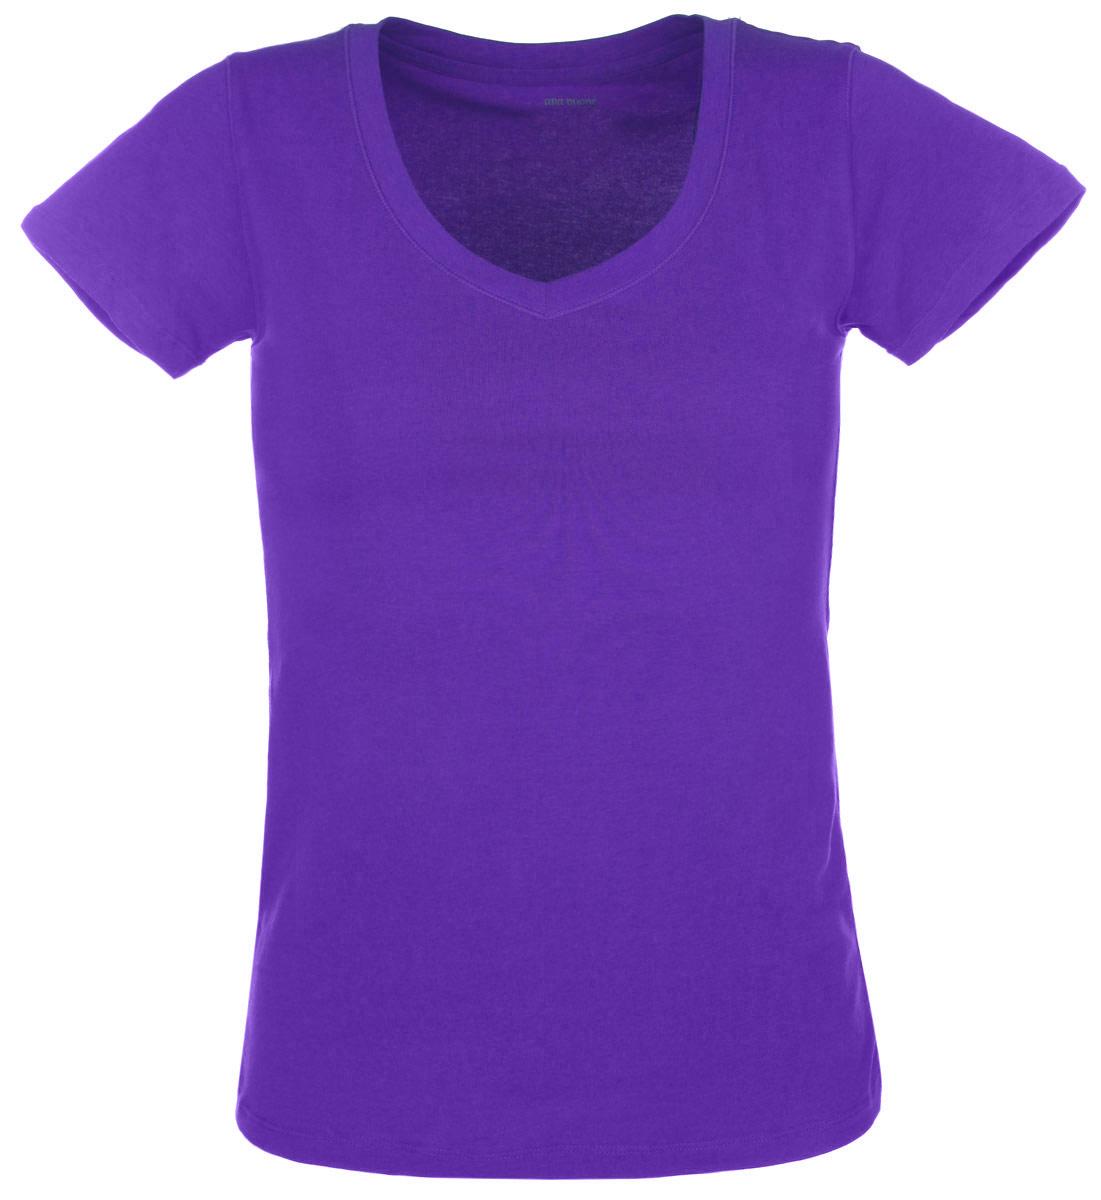 Футболка7047Женская футболка Alla Buone Liscio, выполненная из эластичного хлопка, идеально подойдет для повседневной носки. Материал изделия мягкий, тактильно приятный, не сковывает движения и позволяет коже дышать. Футболка с V-образным вырезом горловины и короткими рукавами имеет слегка приталенный силуэт. Вырез горловины оформлен мягкой окантовочной лентой. Изделие дополнено фирменным логотипом, вшитым в боковой шов. Такая модель будет дарить вам комфорт в течение всего дня и станет отличным дополнением к вашему гардеробу.